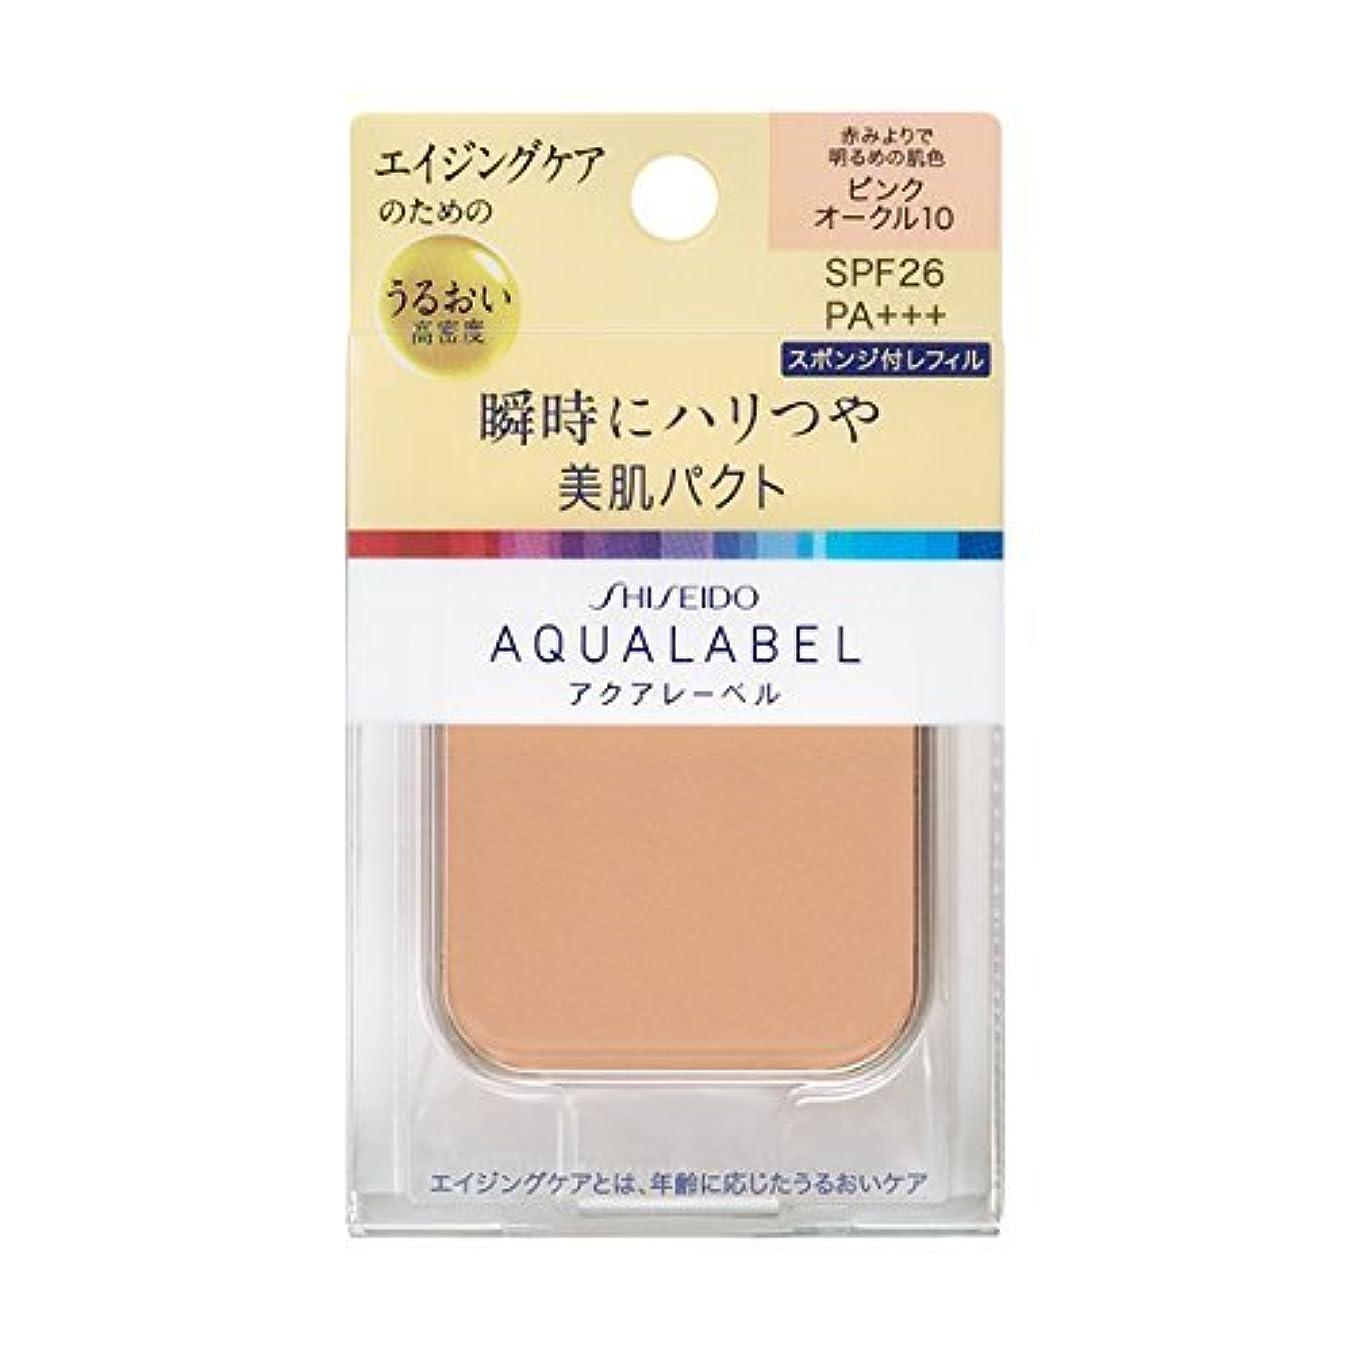 申請者聴く接辞アクアレーベル 明るいつや肌パクト ピンクオークル10 (レフィル) 11.5g×6個